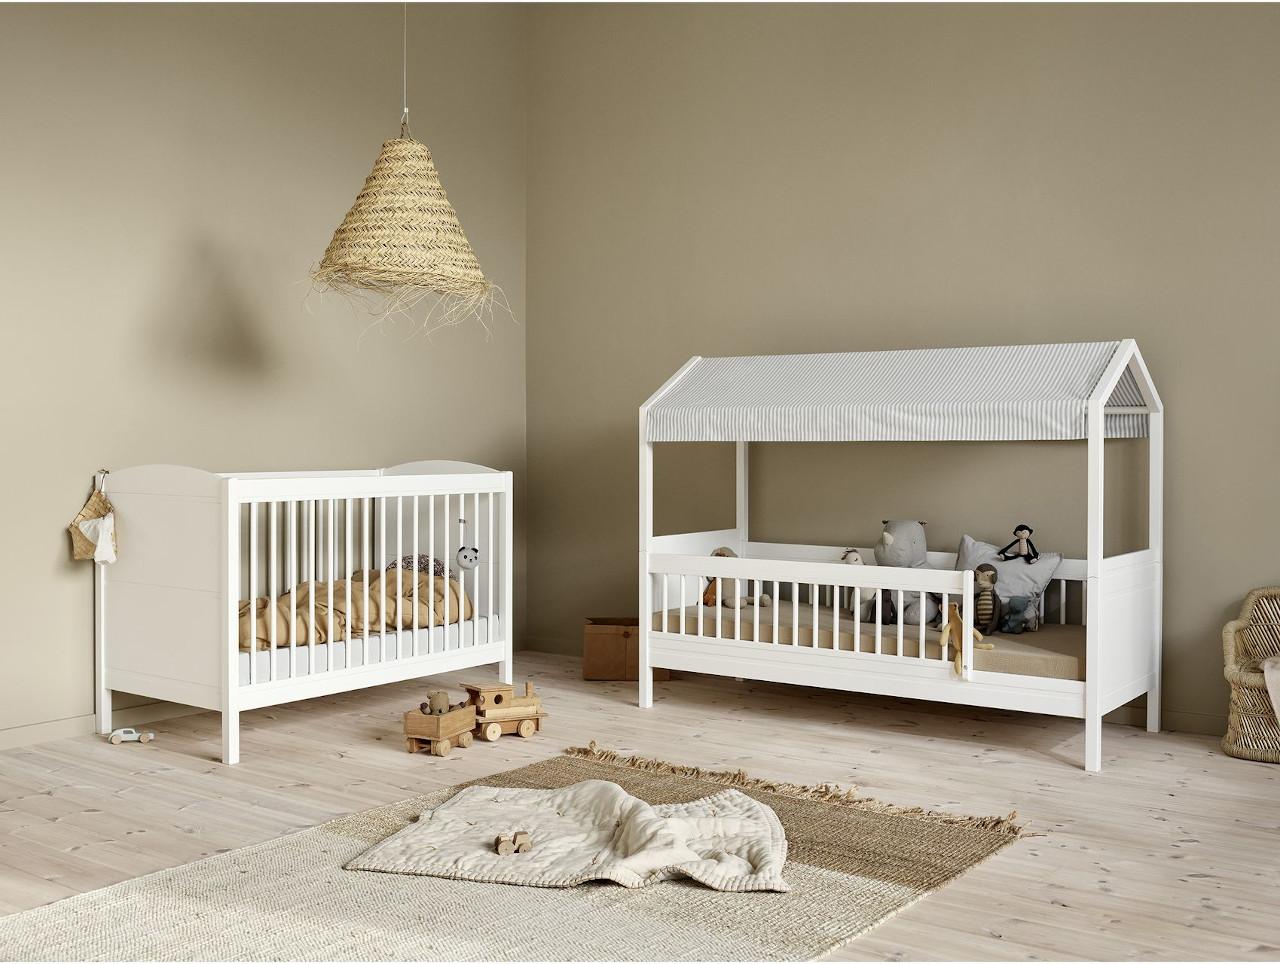 Seaside Lille+ Geschwisterset von Oliver Furniture in Berlin kaufen - Kleine Fabriek